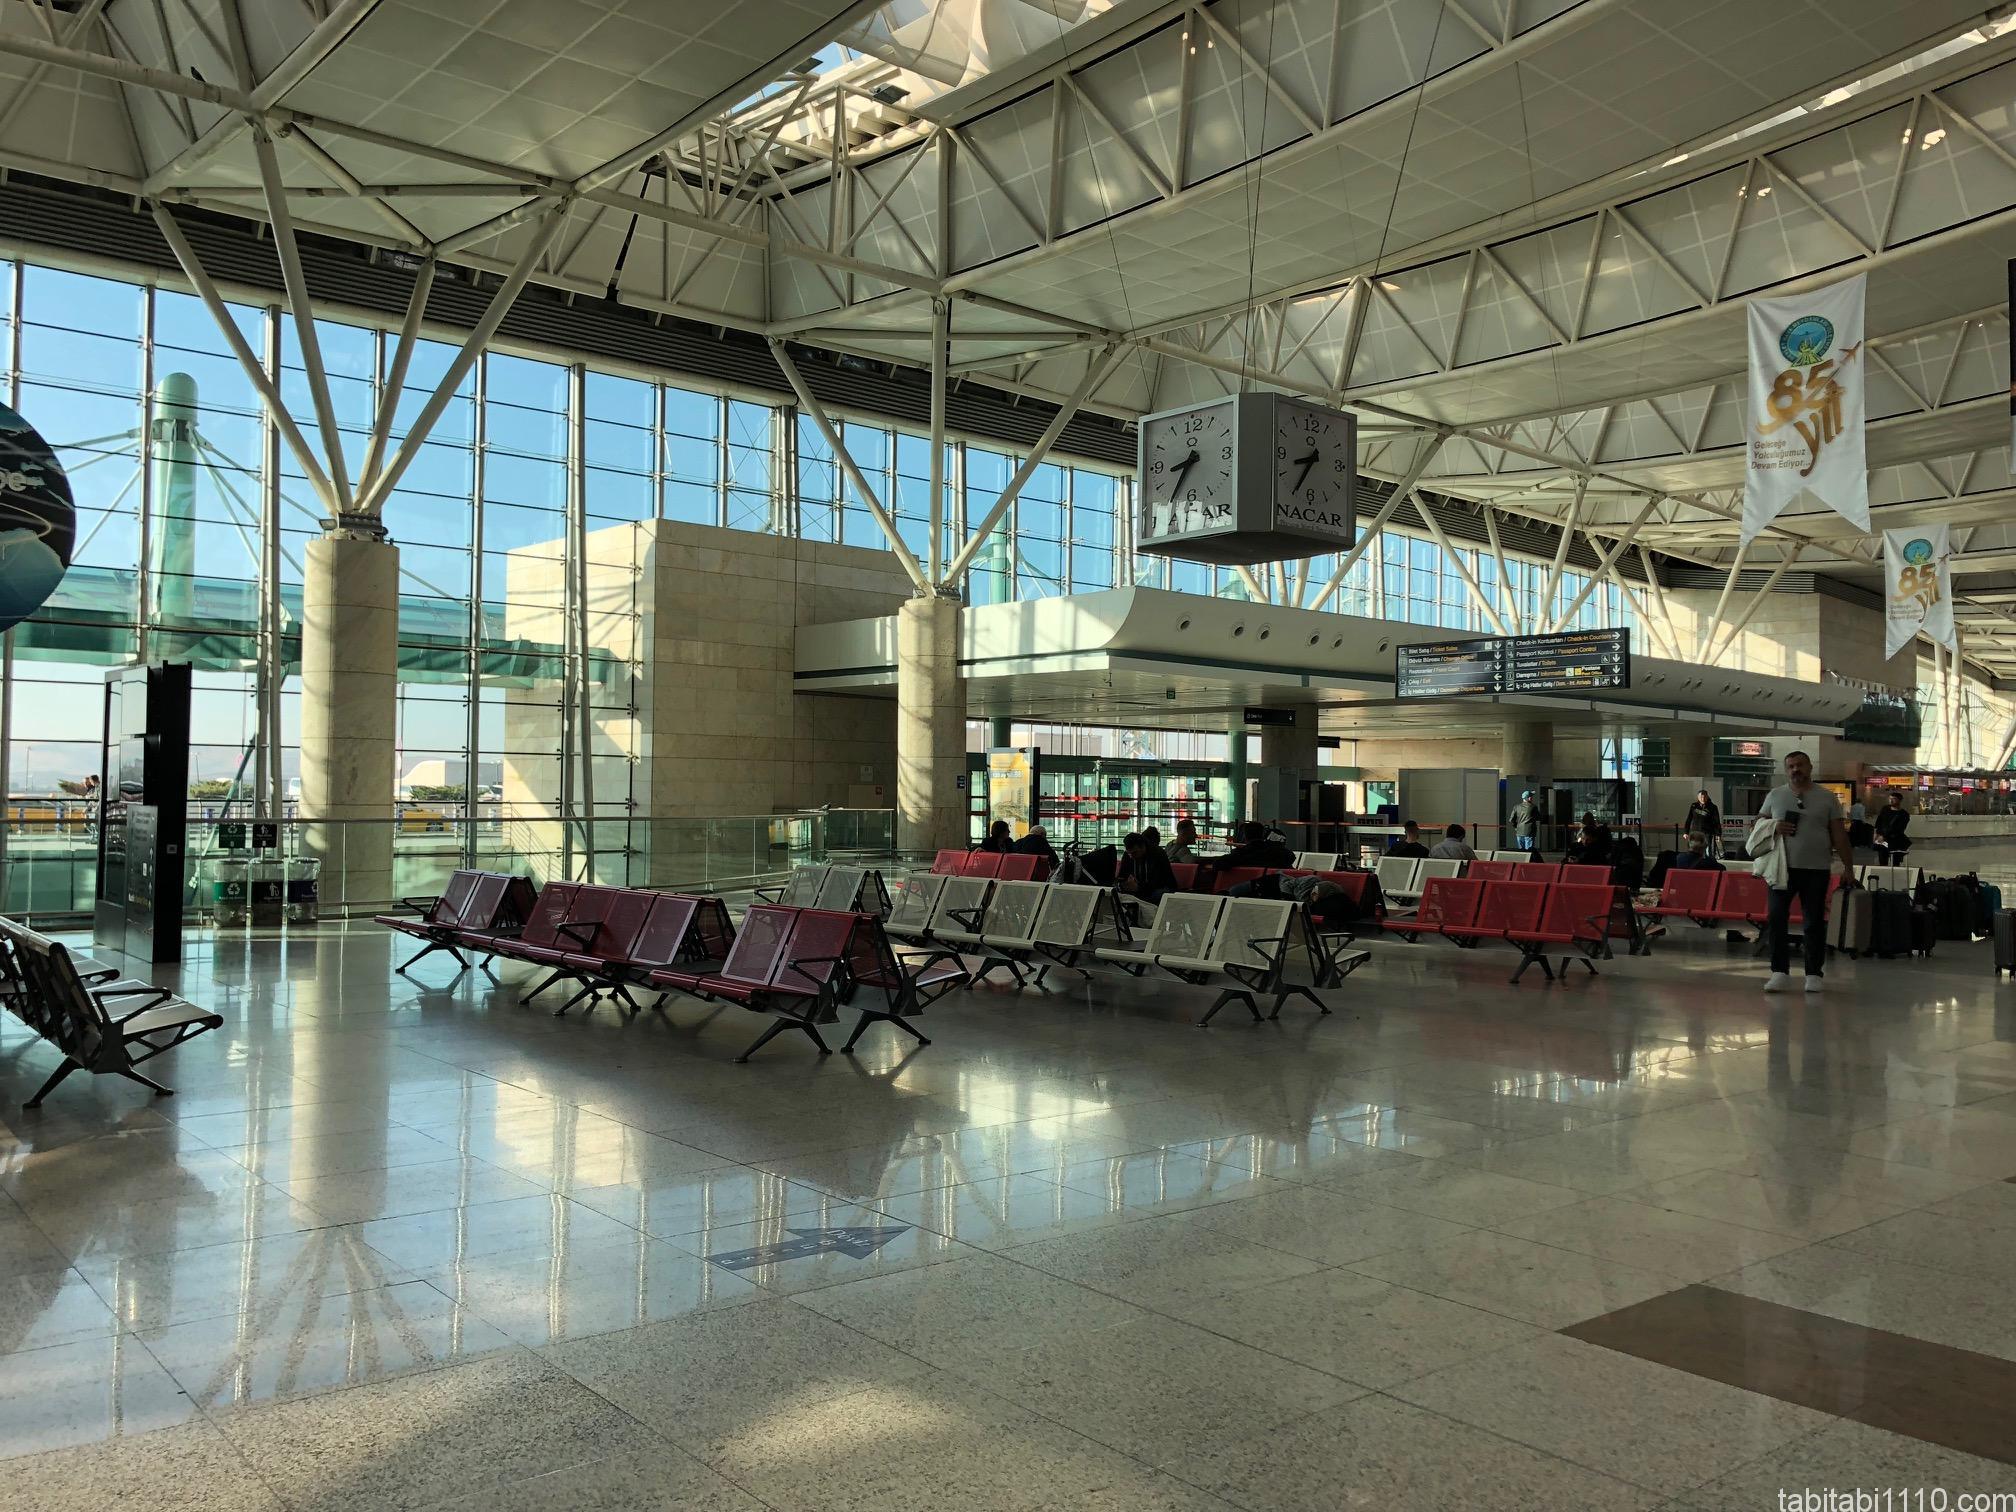 エセンボーア国際空港